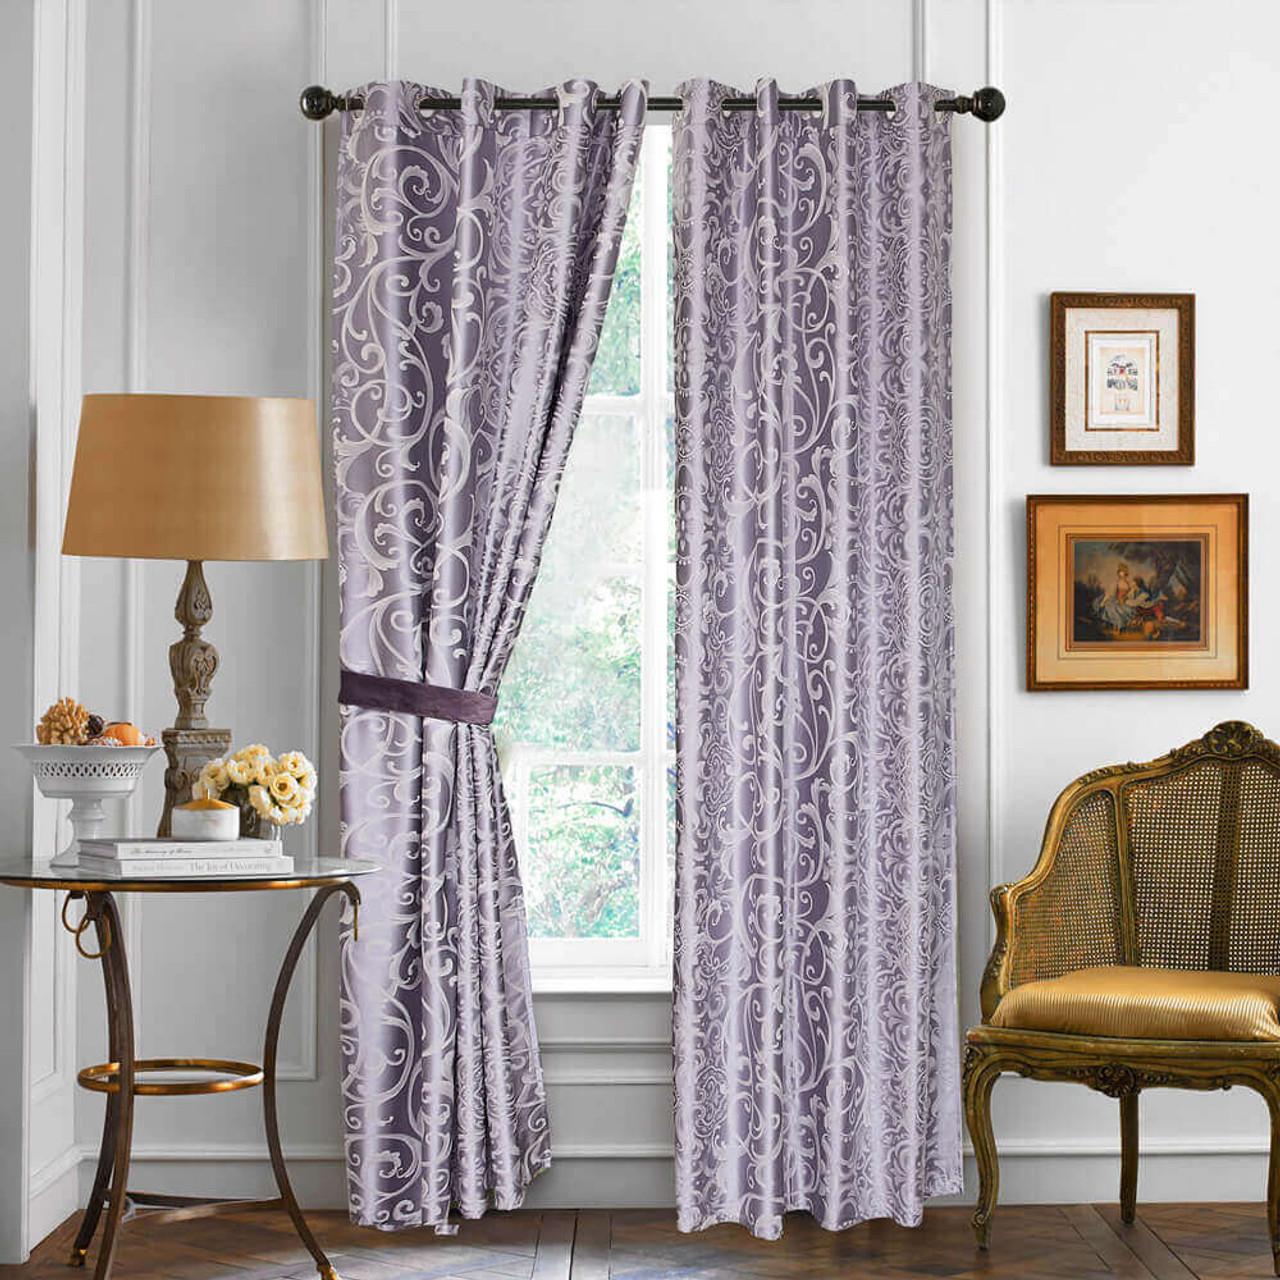 DMC718 Dolce Mela Curtain Panel Semi-Blackout Drapes 8171460151082